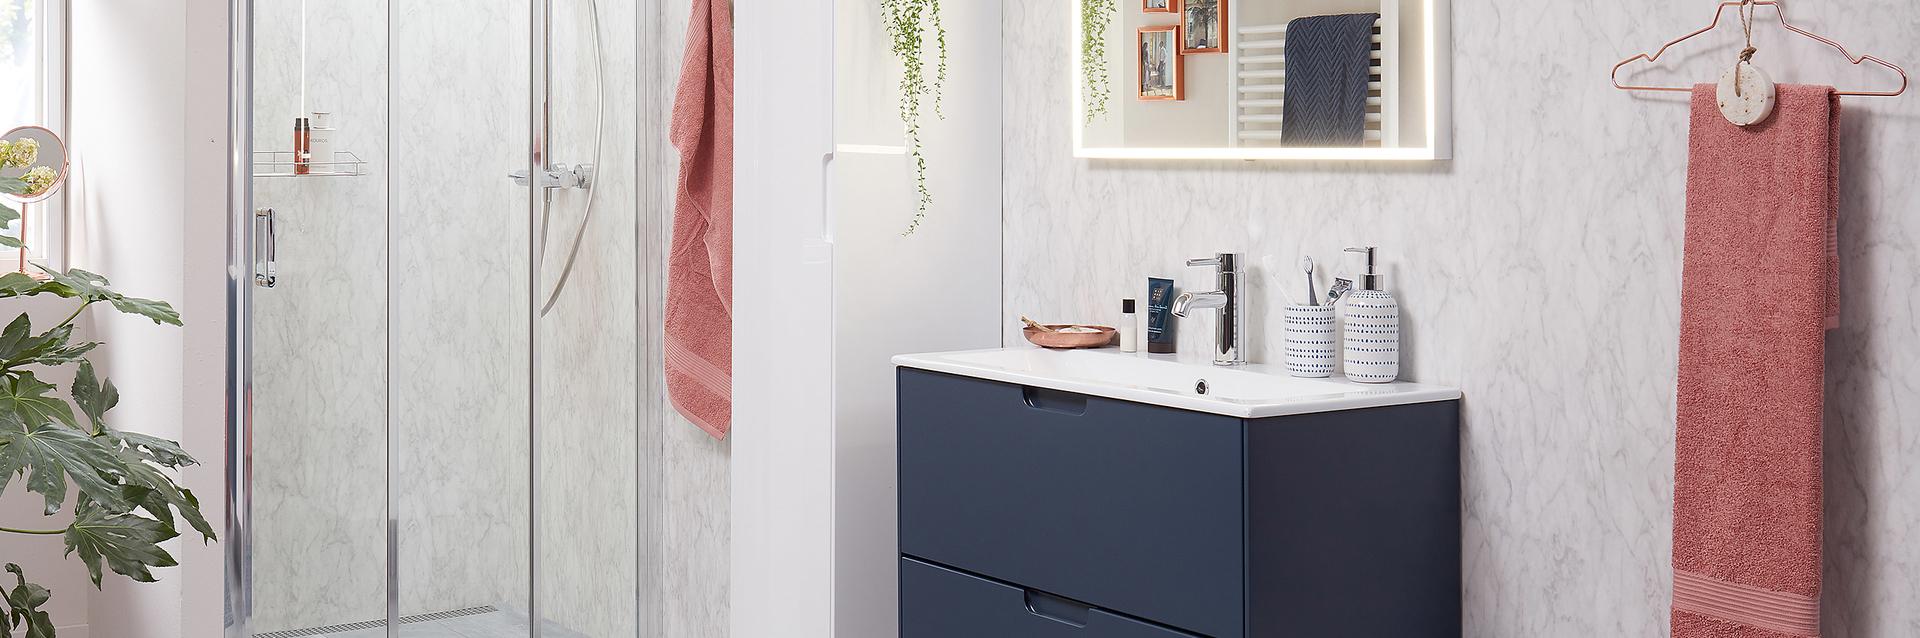 Wastafel kleine badkamer donkerblauw met inbouw wasbak